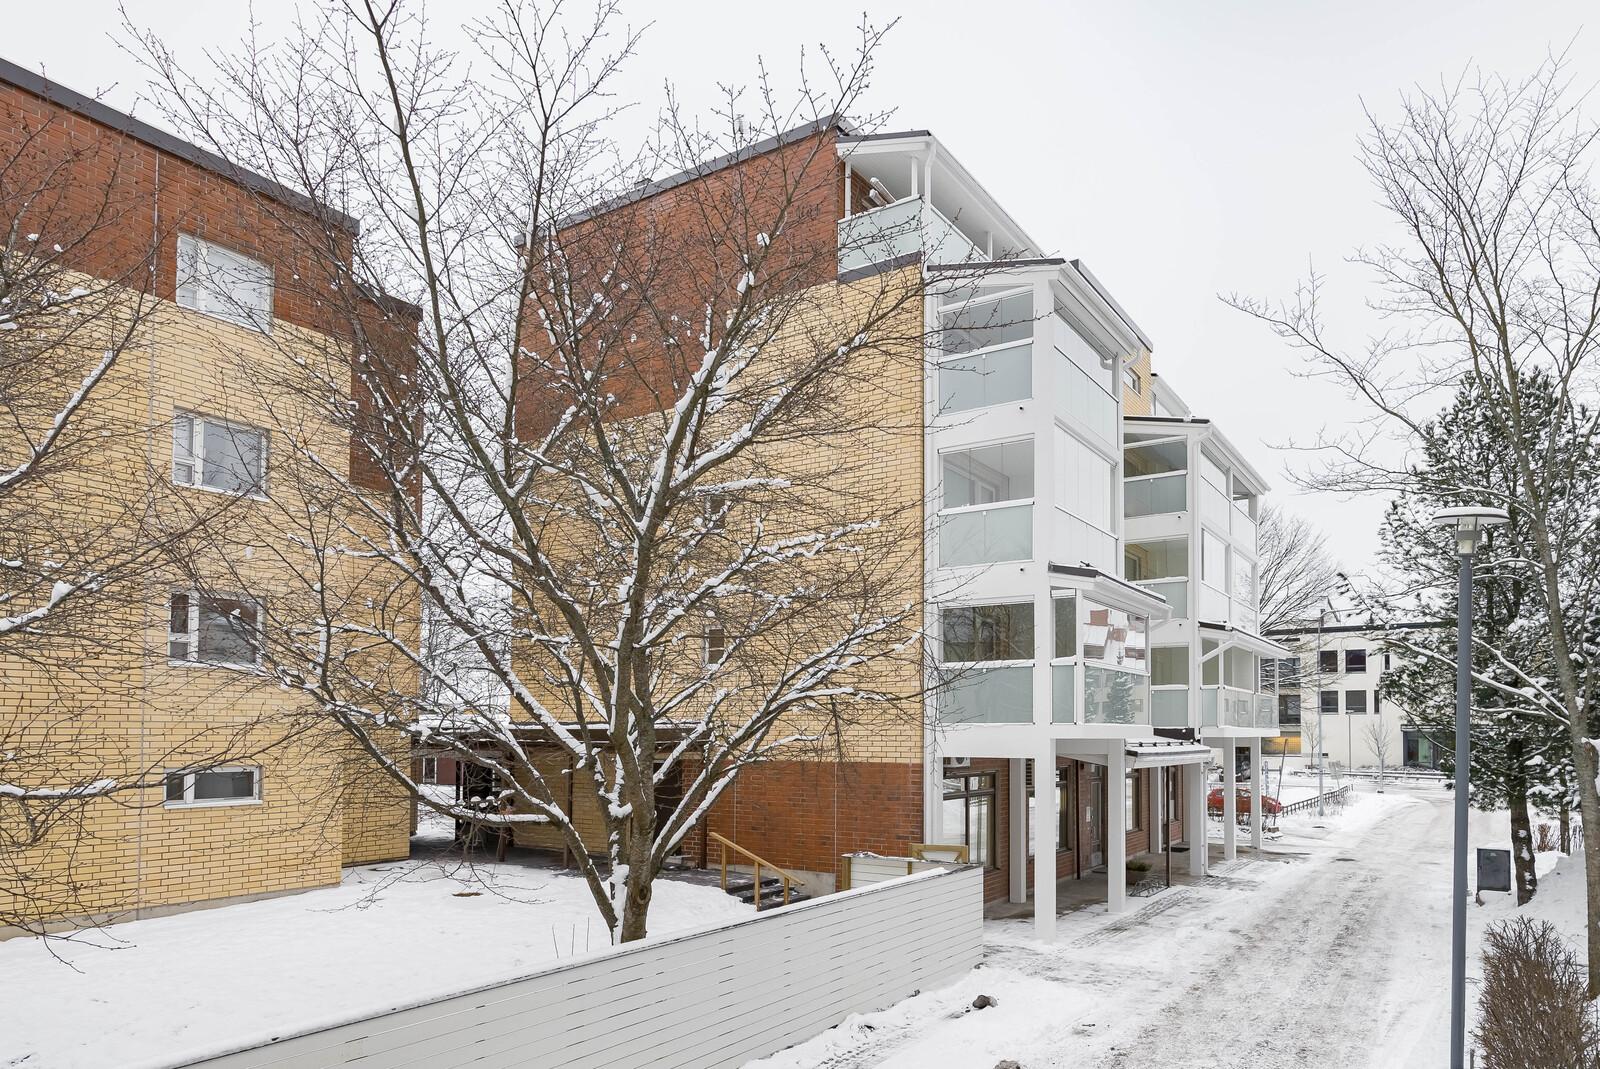 Espoon keskus, Espoo